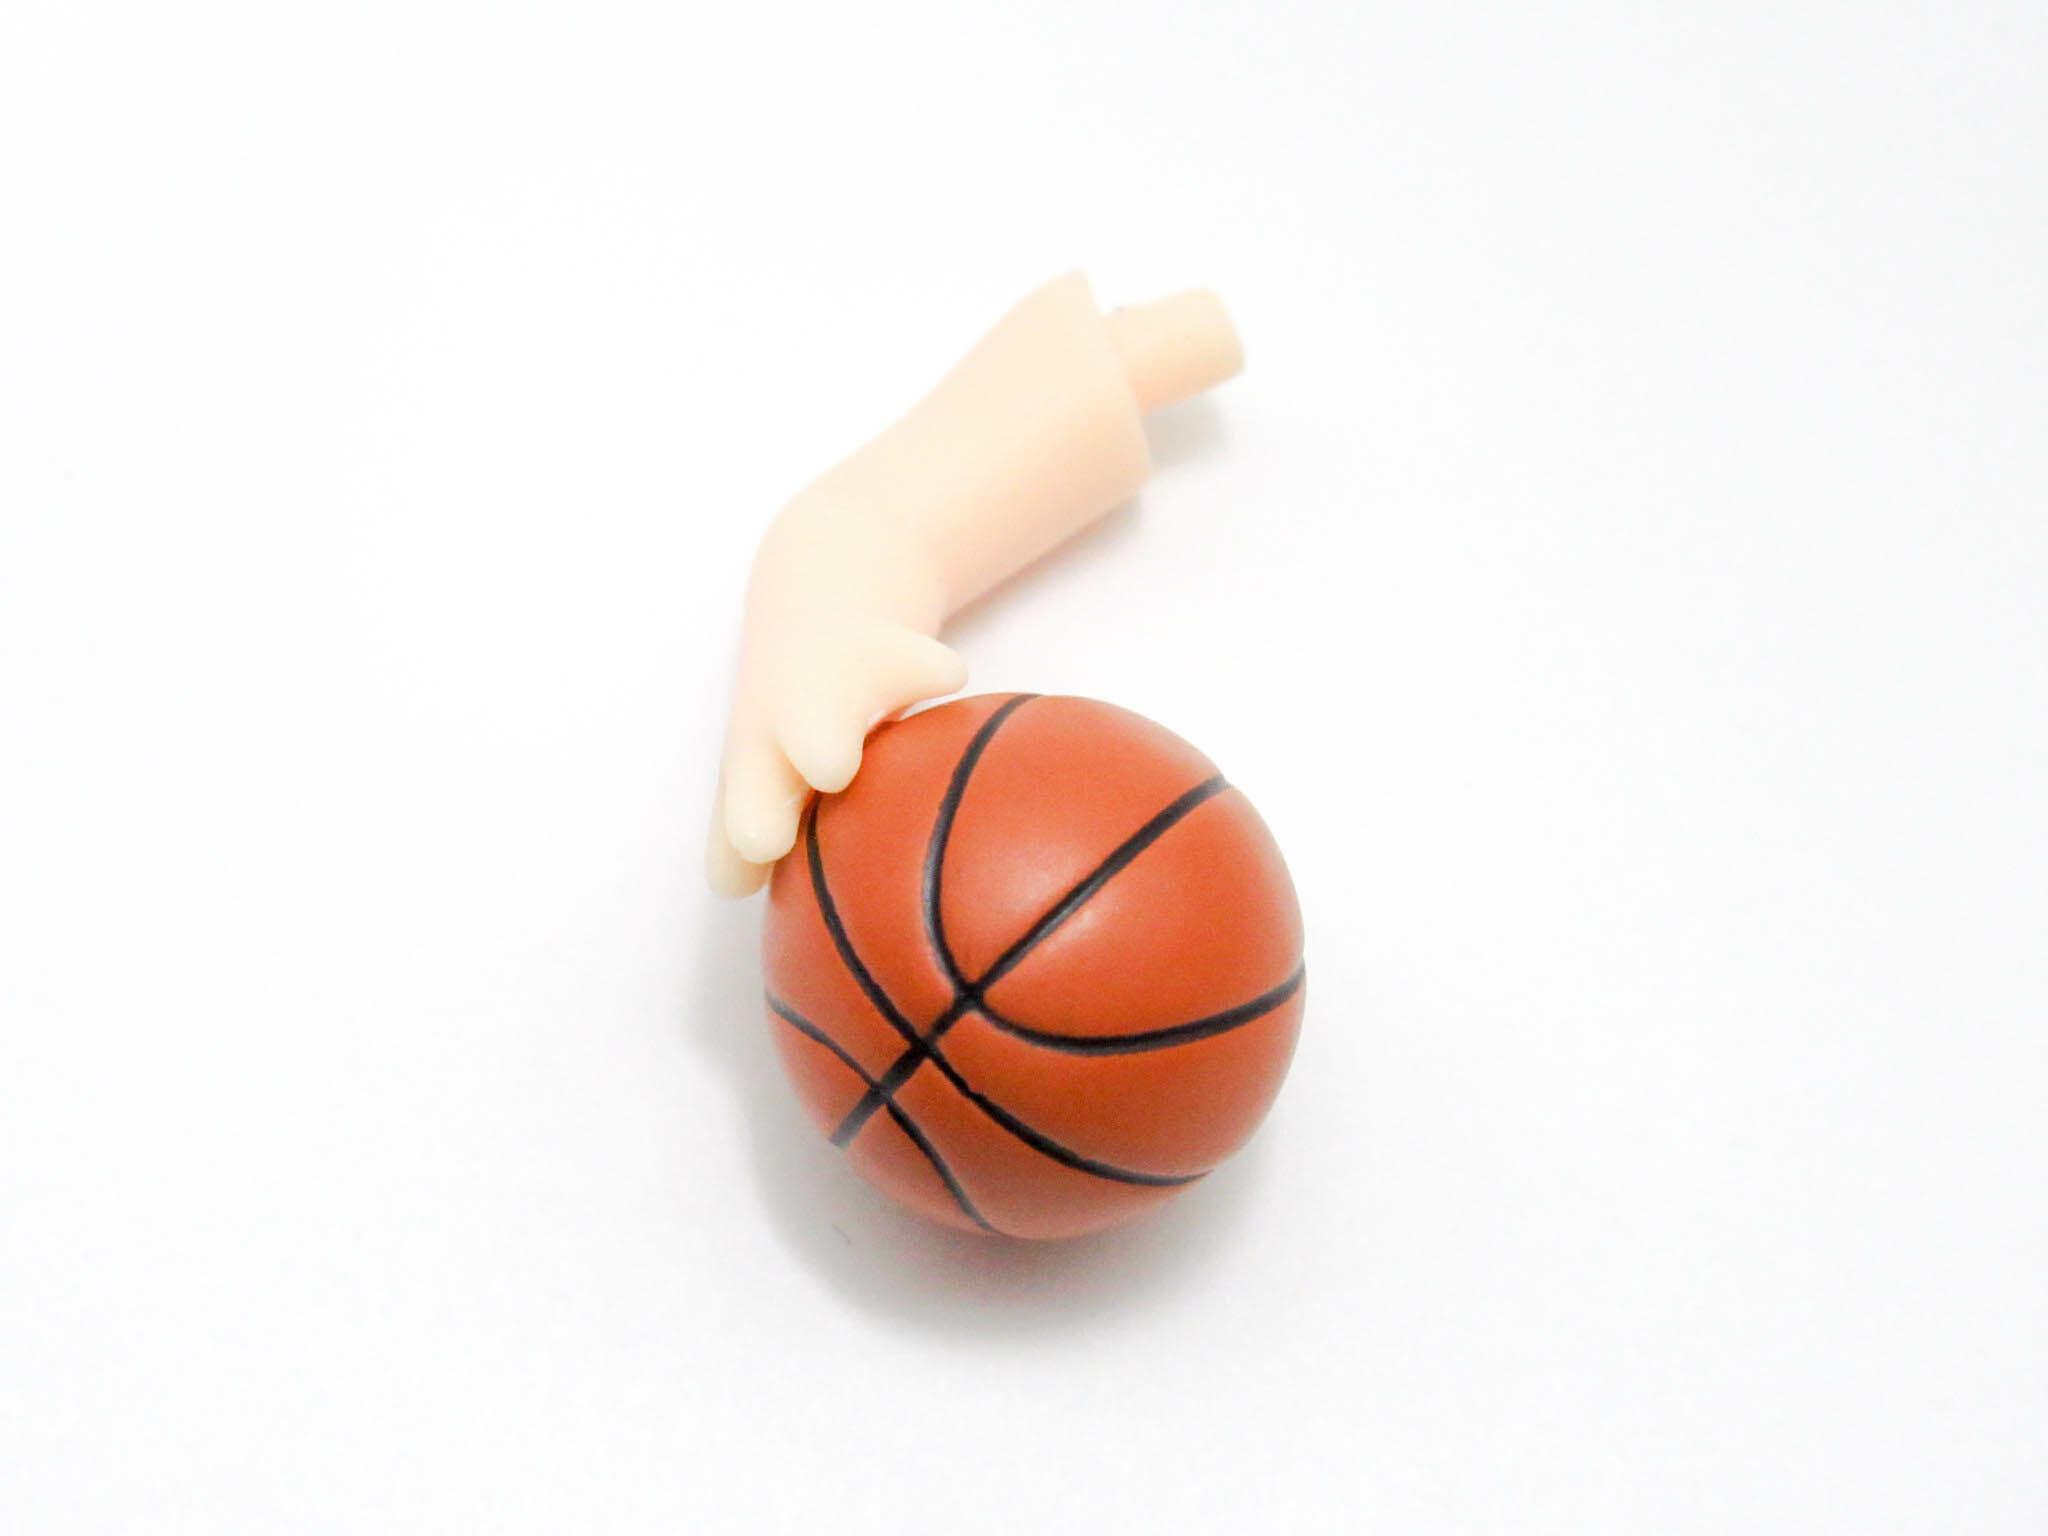 【1032】 黄瀬涼太 小物パーツ バスケットボール ねんどろいど